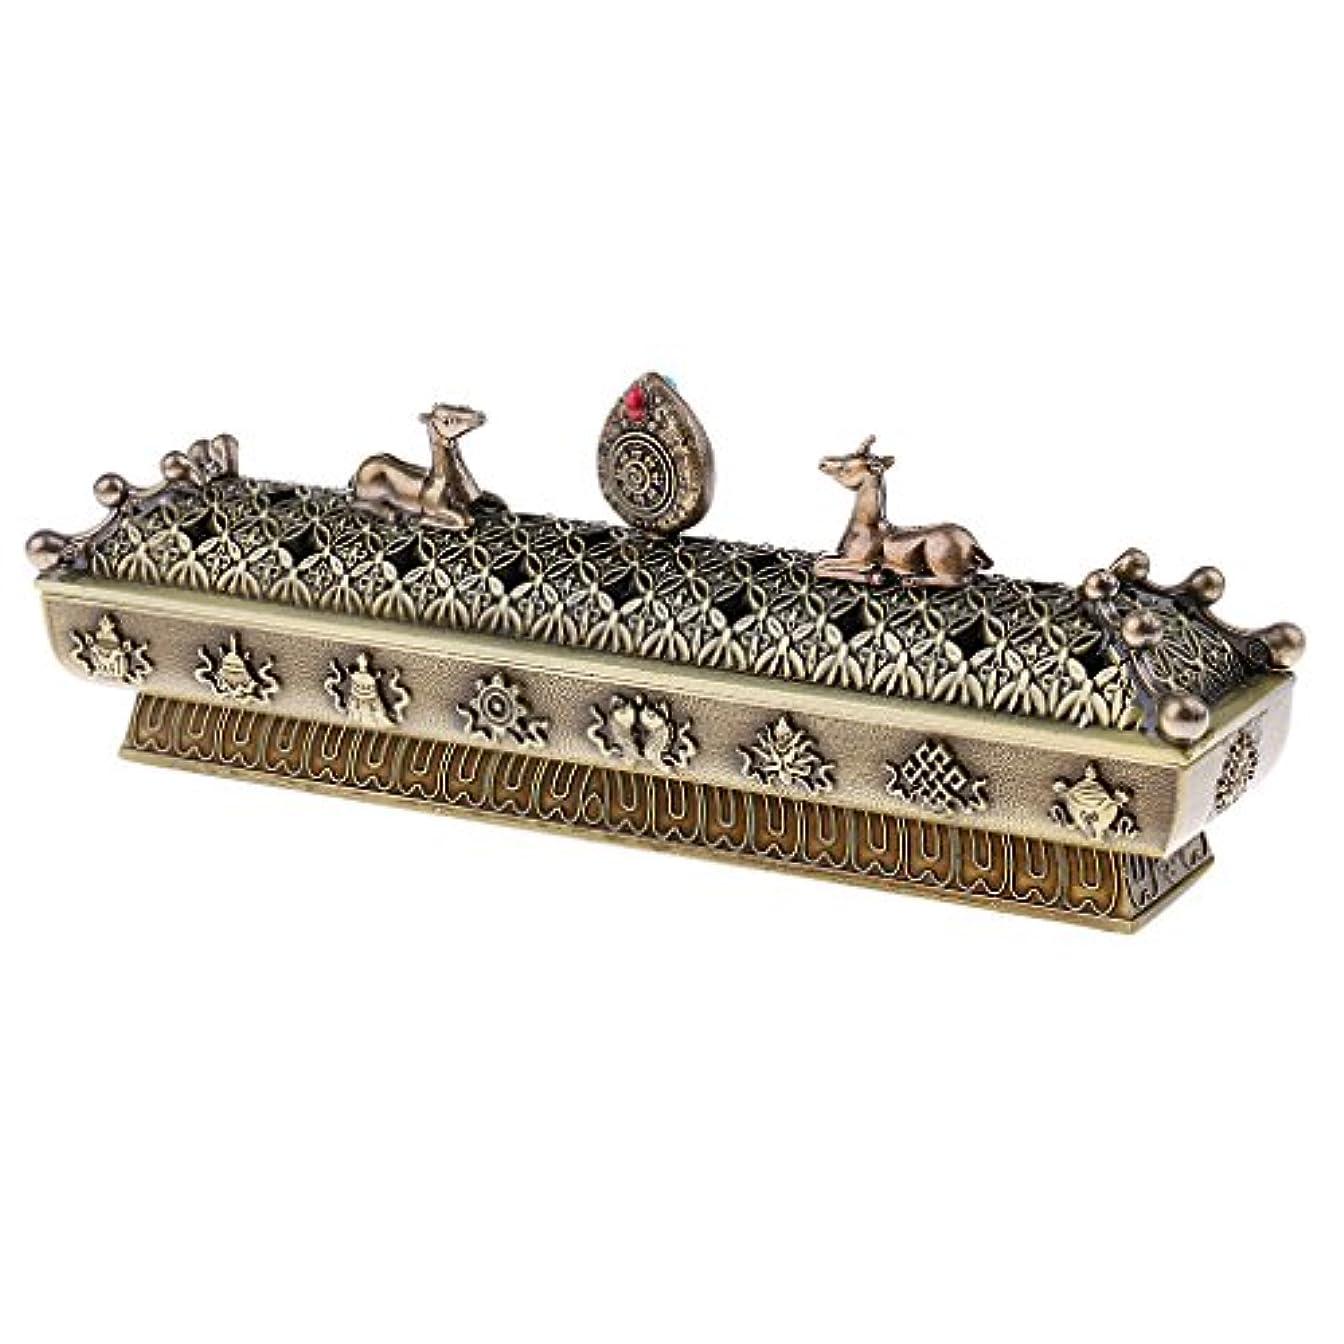 きらめく弓輪郭Fenteer 仏教 香炉 バーナー コーンホルダー ボックス ホーム オフィス テーブル 全3色  - ブロンズ